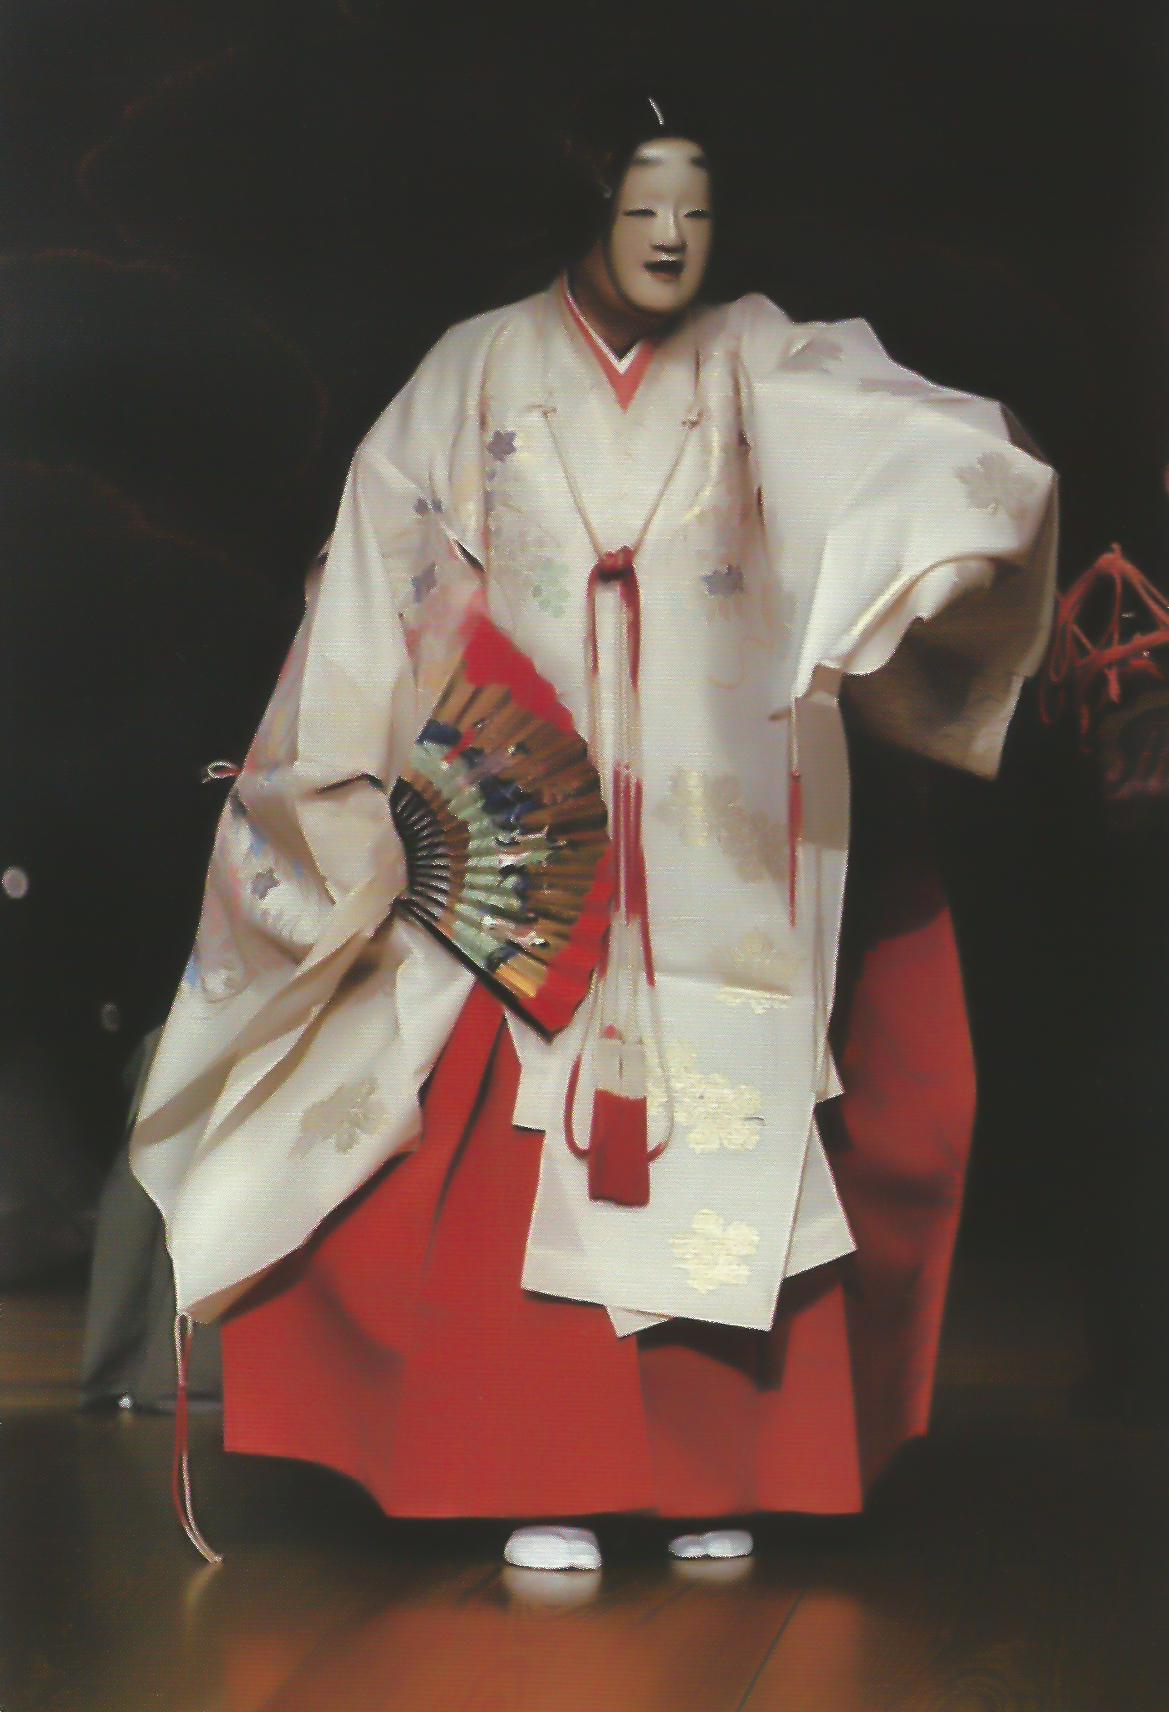 costumes | The International Noh Institute